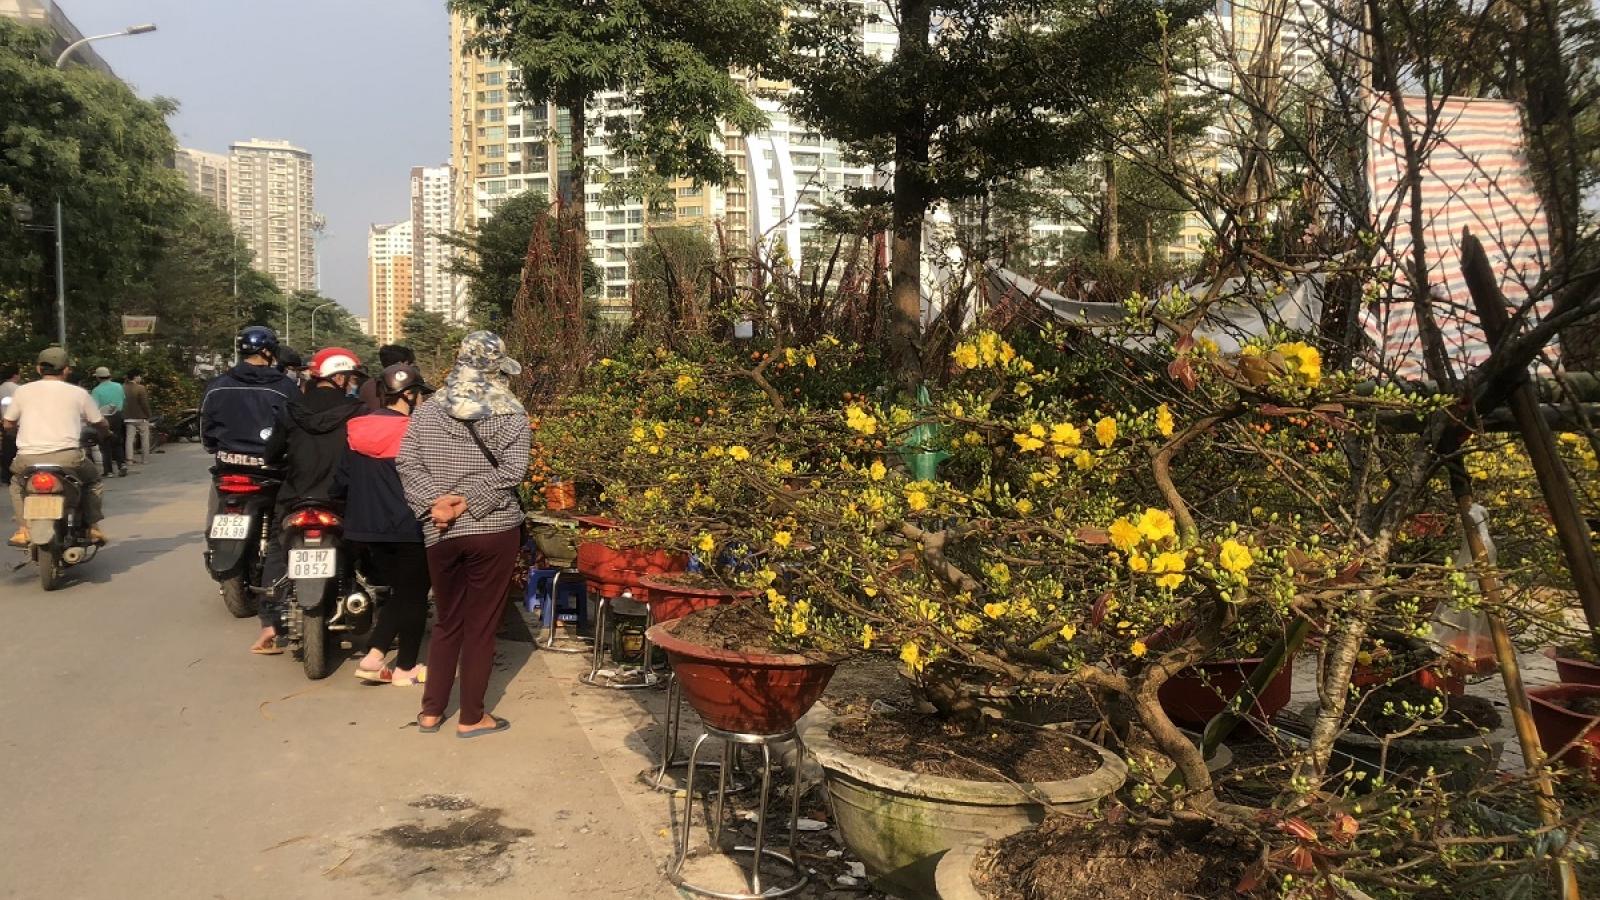 Đào, quất, cây cảnh giảm giá mạnh nhưng vẫn ít người mua